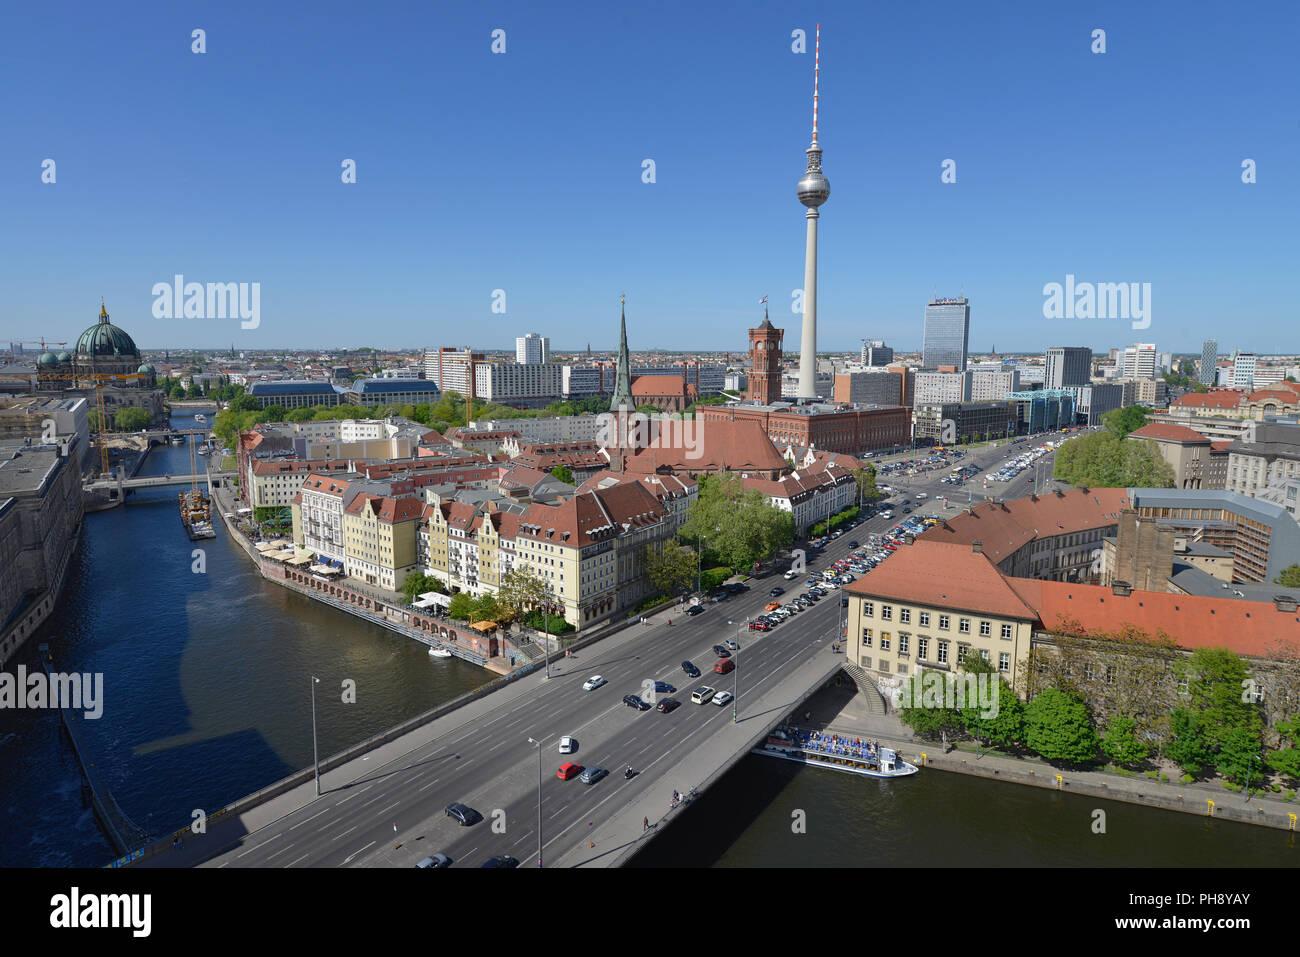 Spree, Nikolaiviertel, Mitte, Berlin, Deutschland - Stock Image